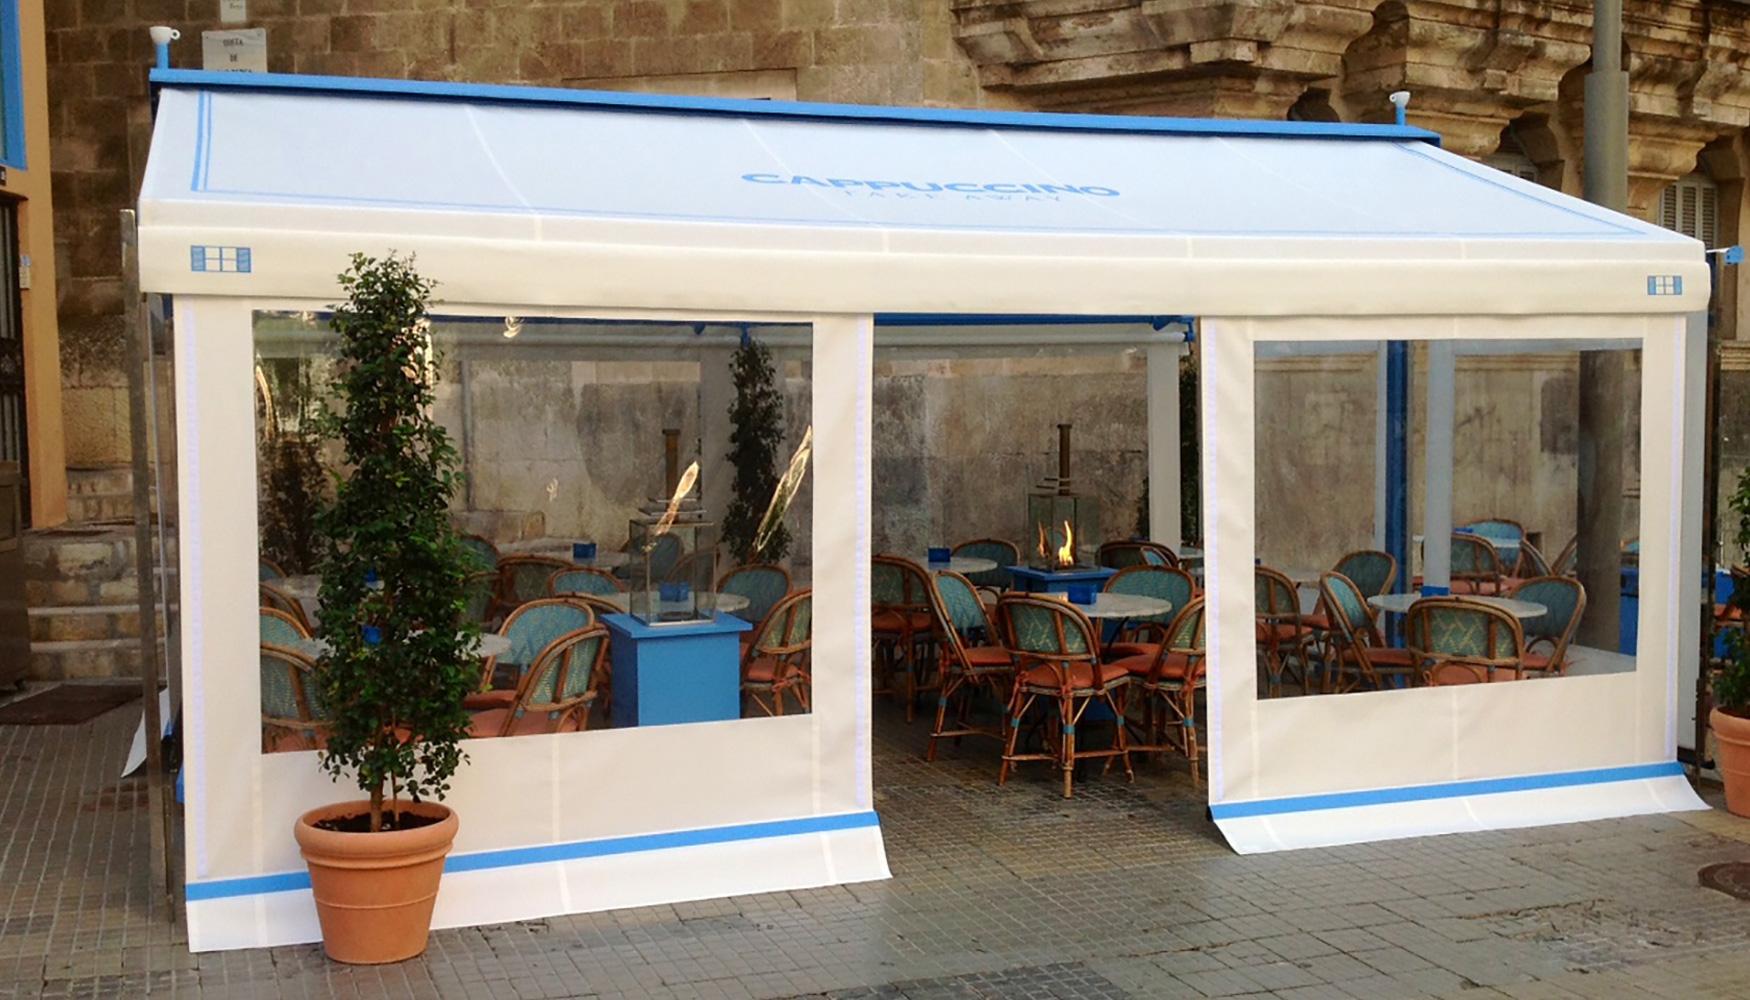 Toldos y parasoles de novelty para terrazas protecci n solar for Toldo lateral para terraza